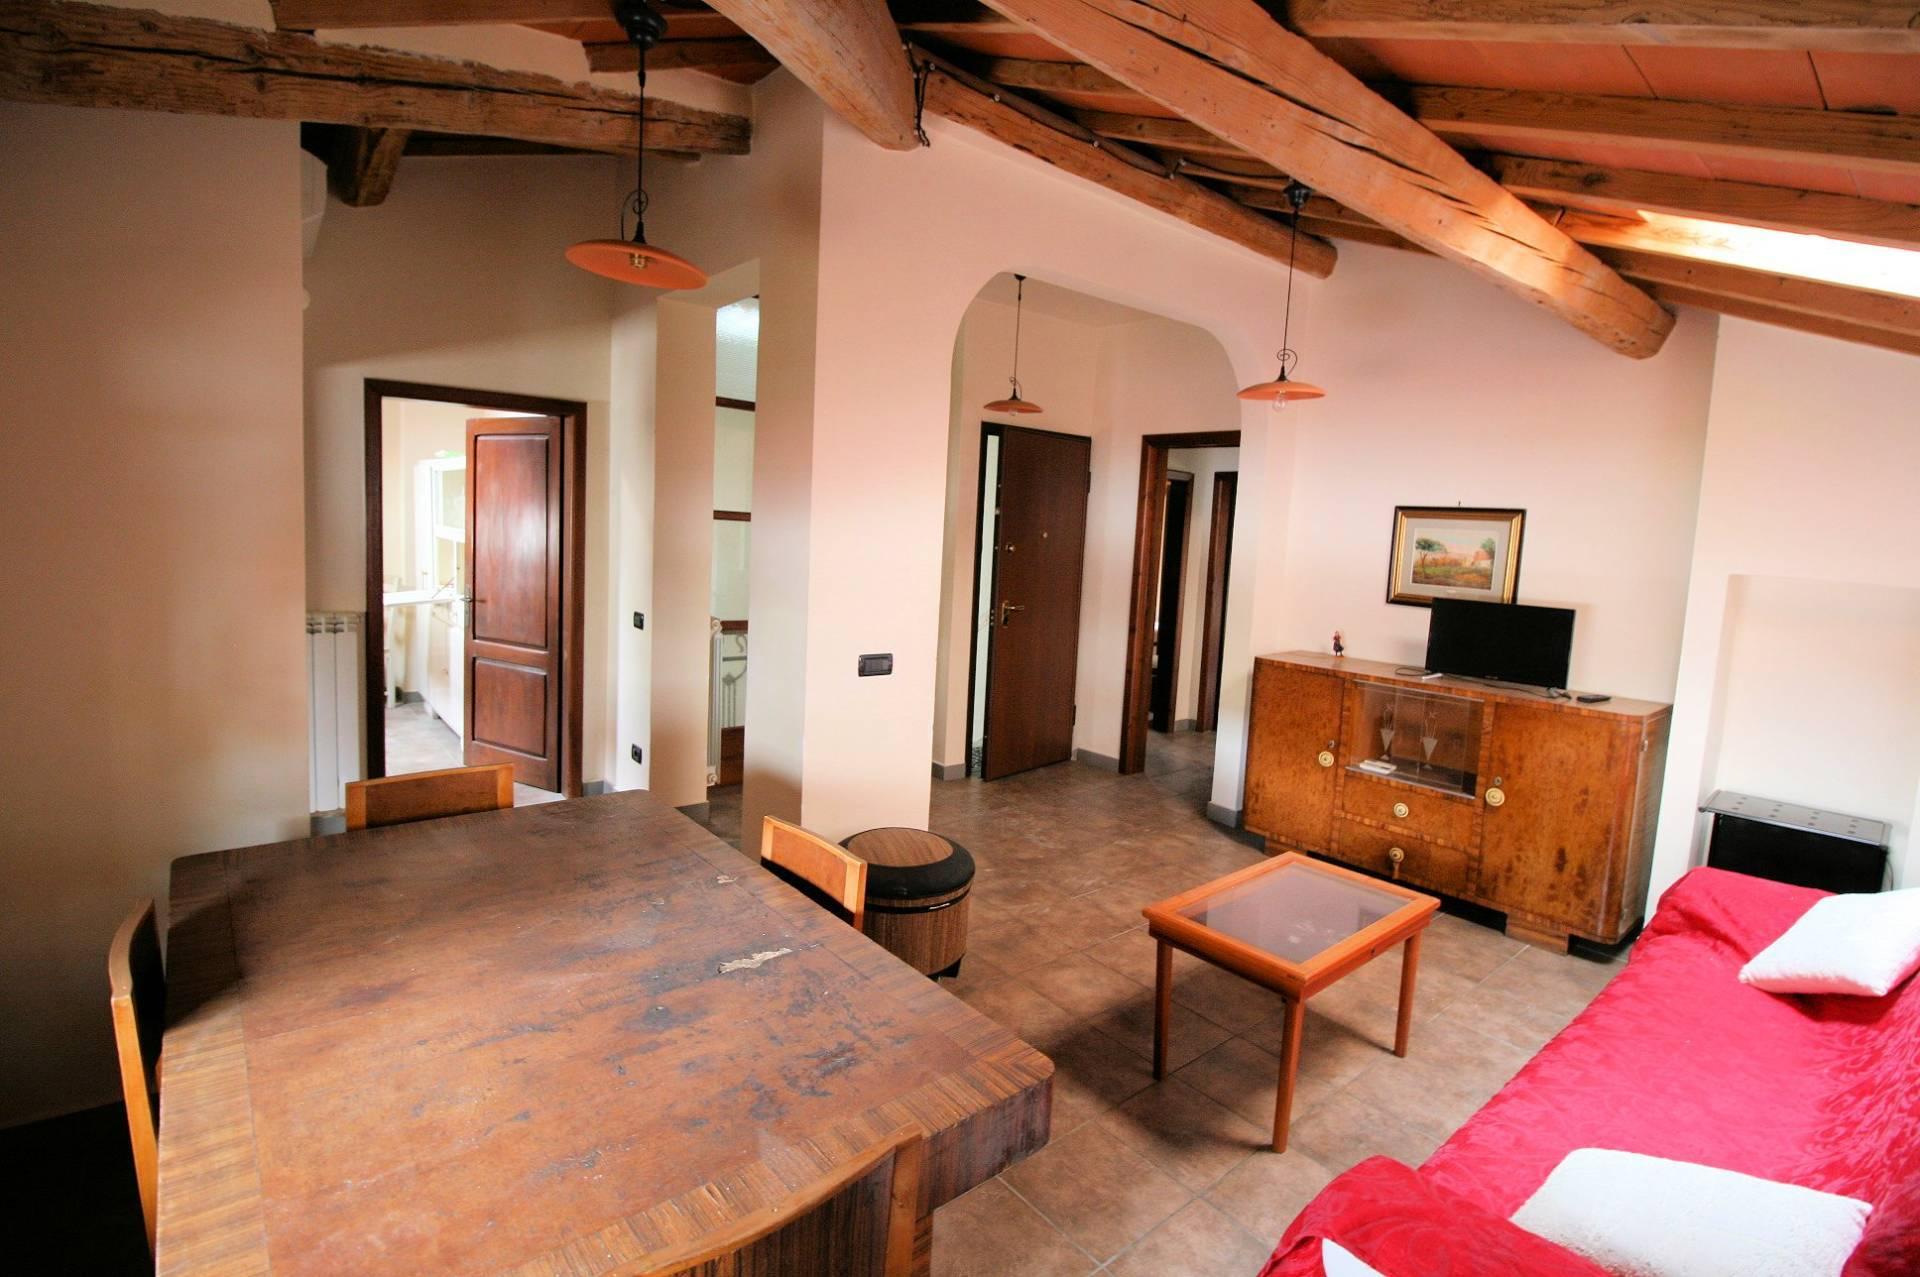 Attico / Mansarda in vendita a Montecatini-Terme, 4 locali, prezzo € 120.000   PortaleAgenzieImmobiliari.it